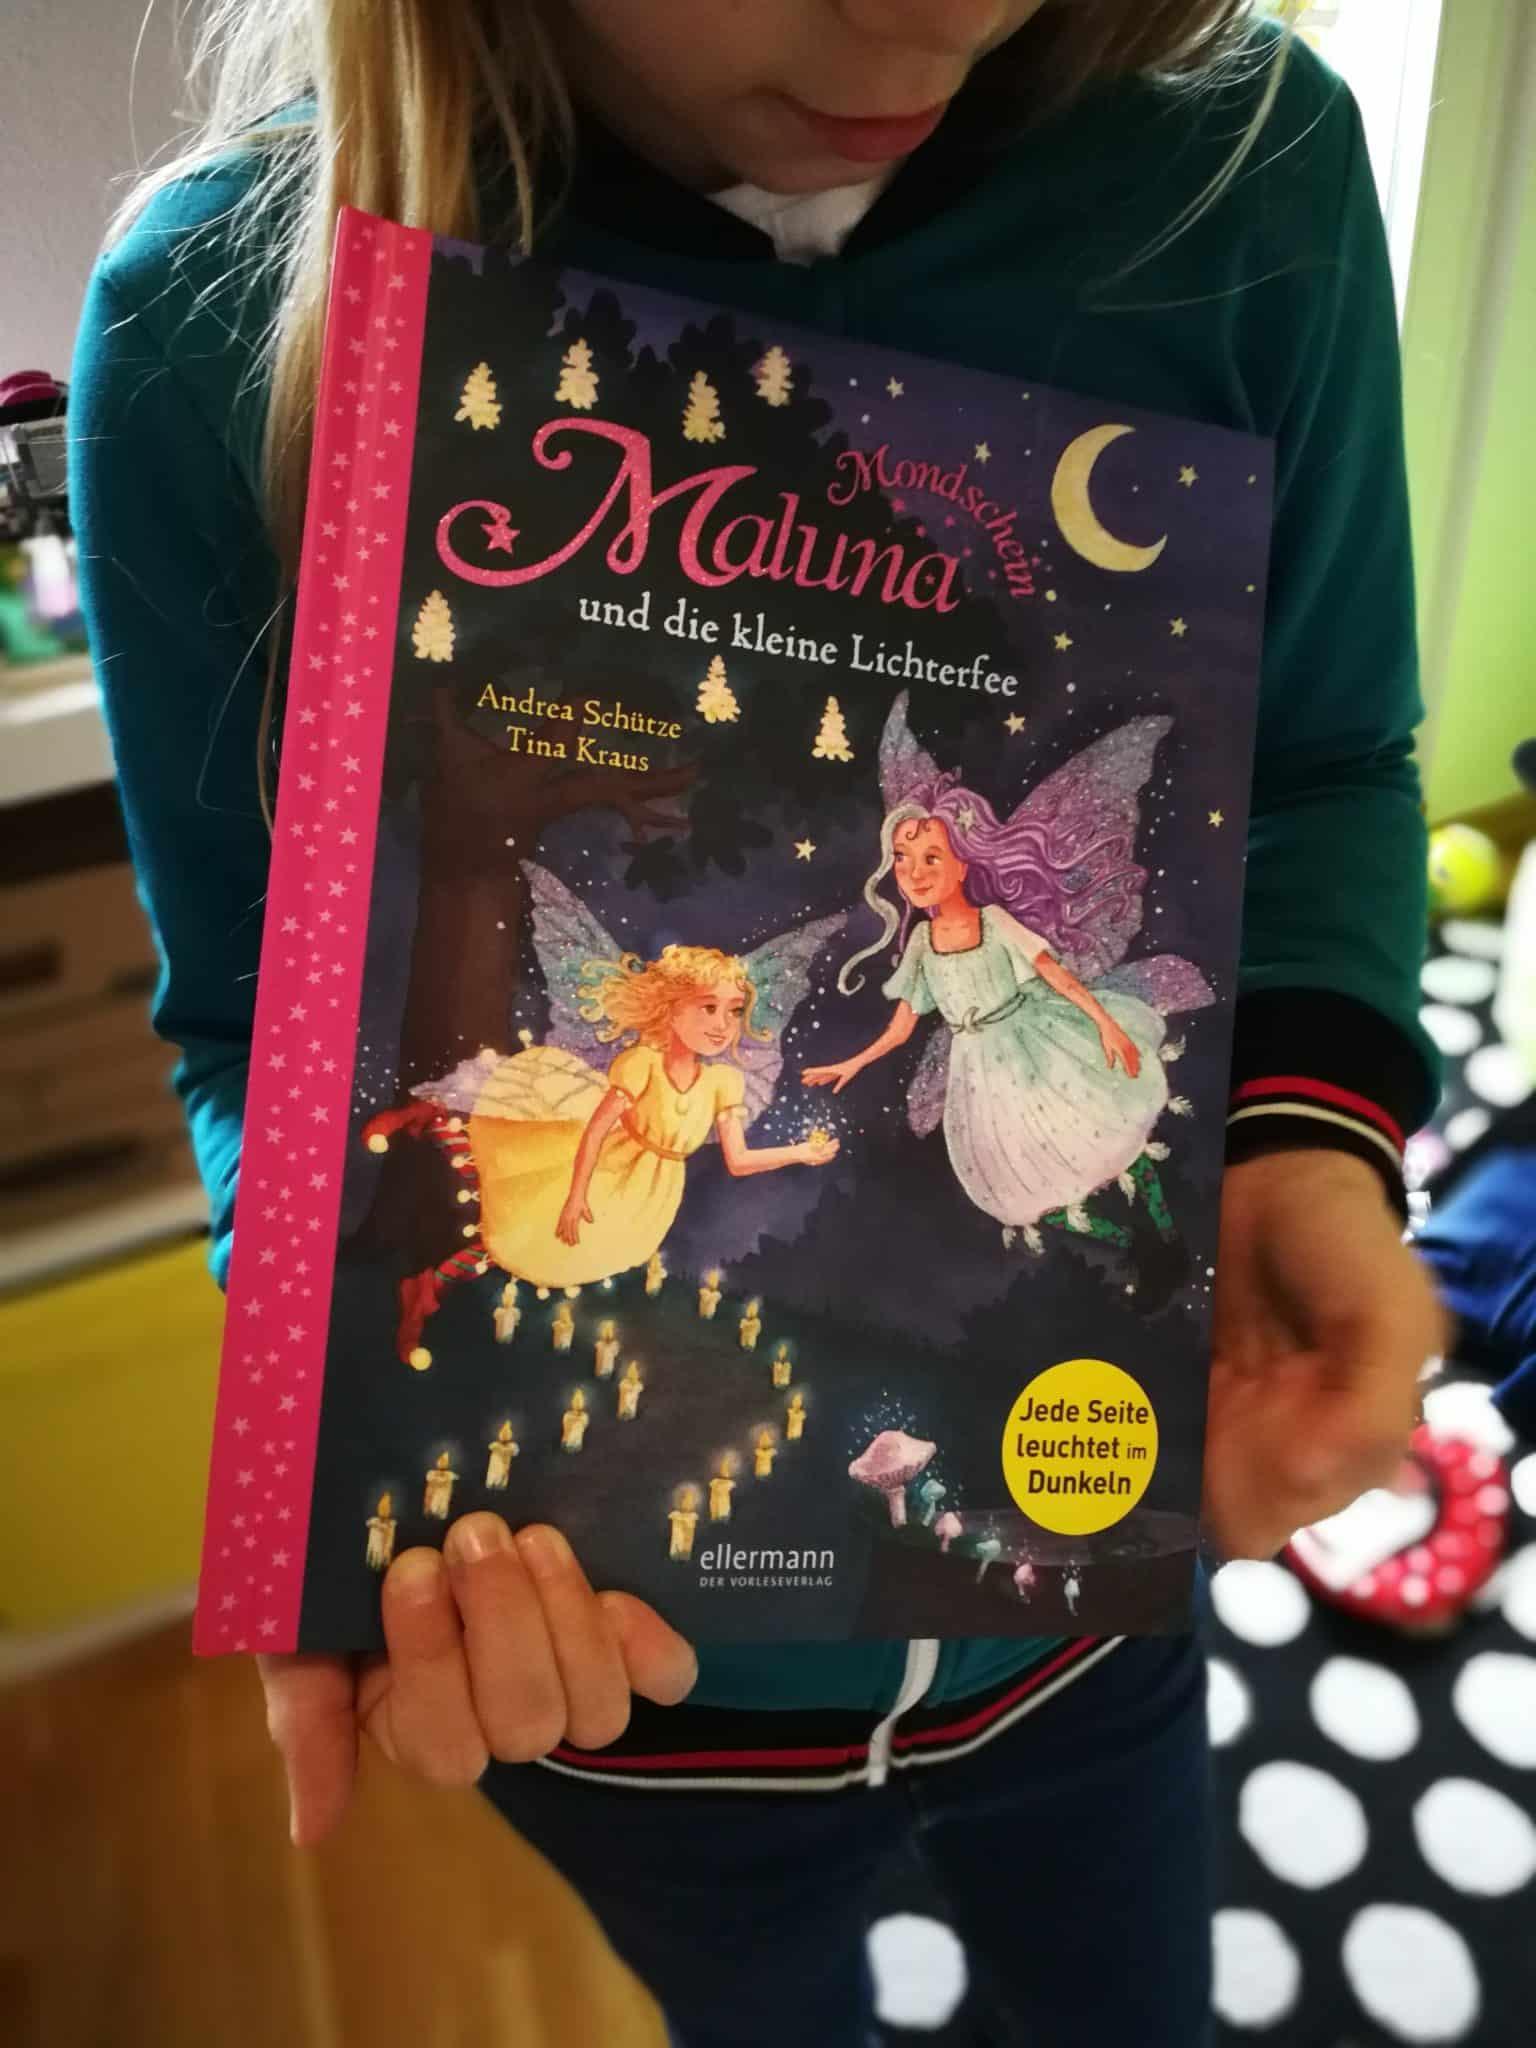 Maluna Mondschein vorlesen